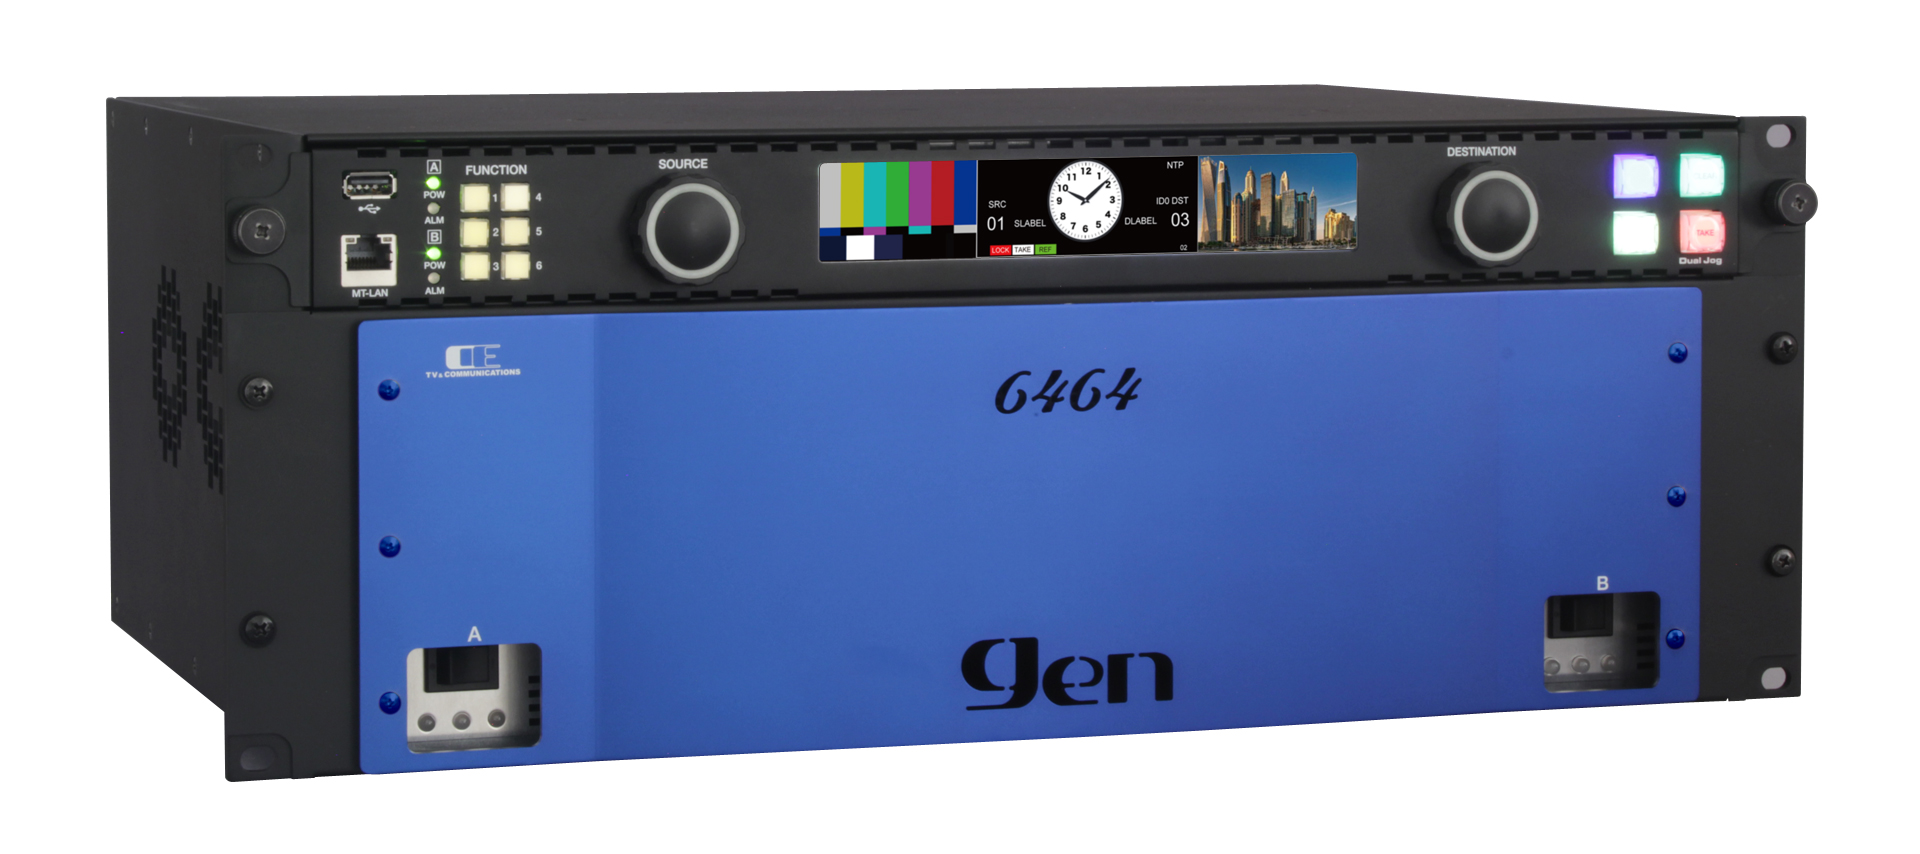 gen6464-CP_catch202101